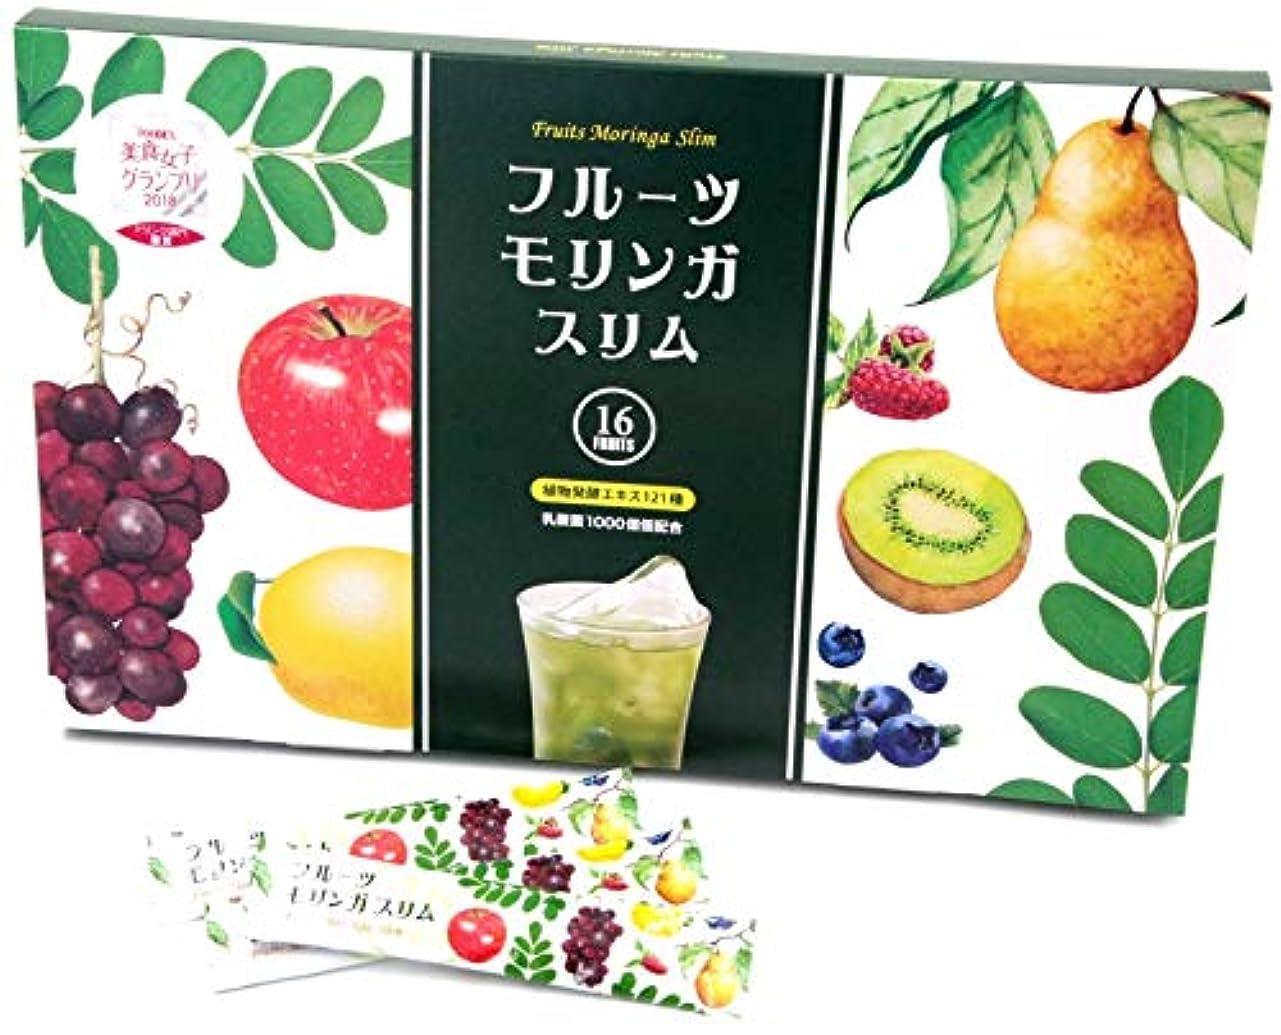 統合する可動できるフルーツ モリンガ 美容 健康 栄養 食習慣 ボディメイク 国産品 (1箱/3g×30包+シェーカー)